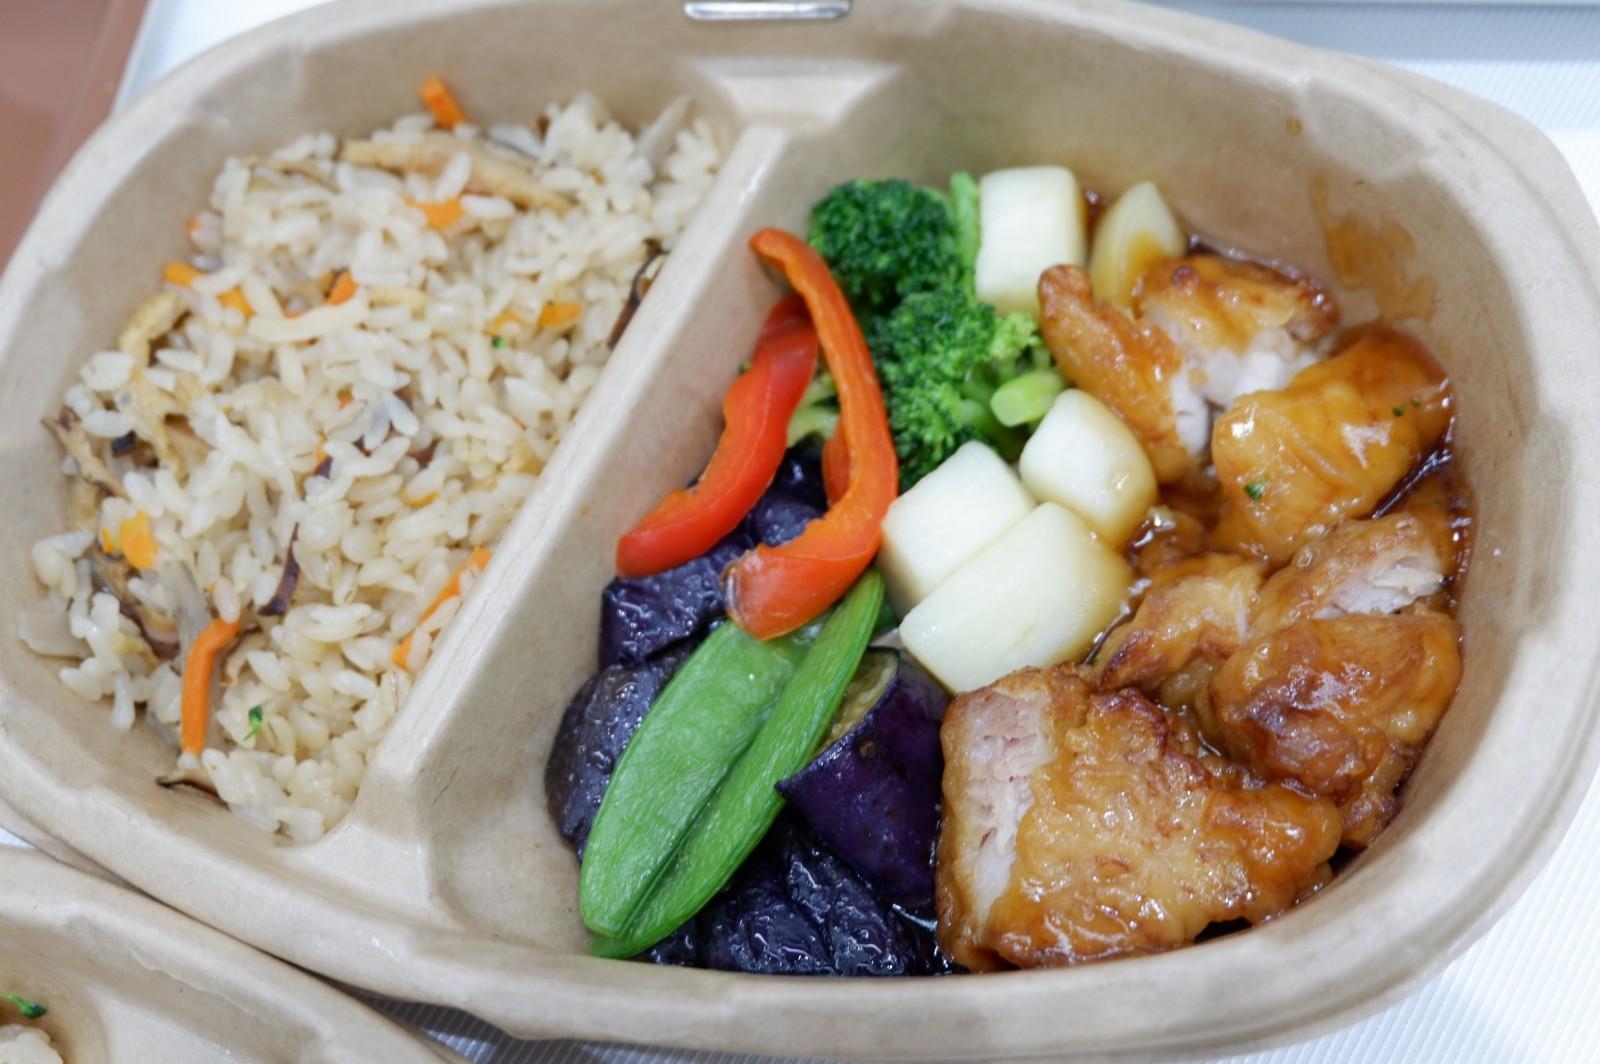 夕食用本格化、おつまみ、新セット商品も!!朝日新聞「be」最終回です